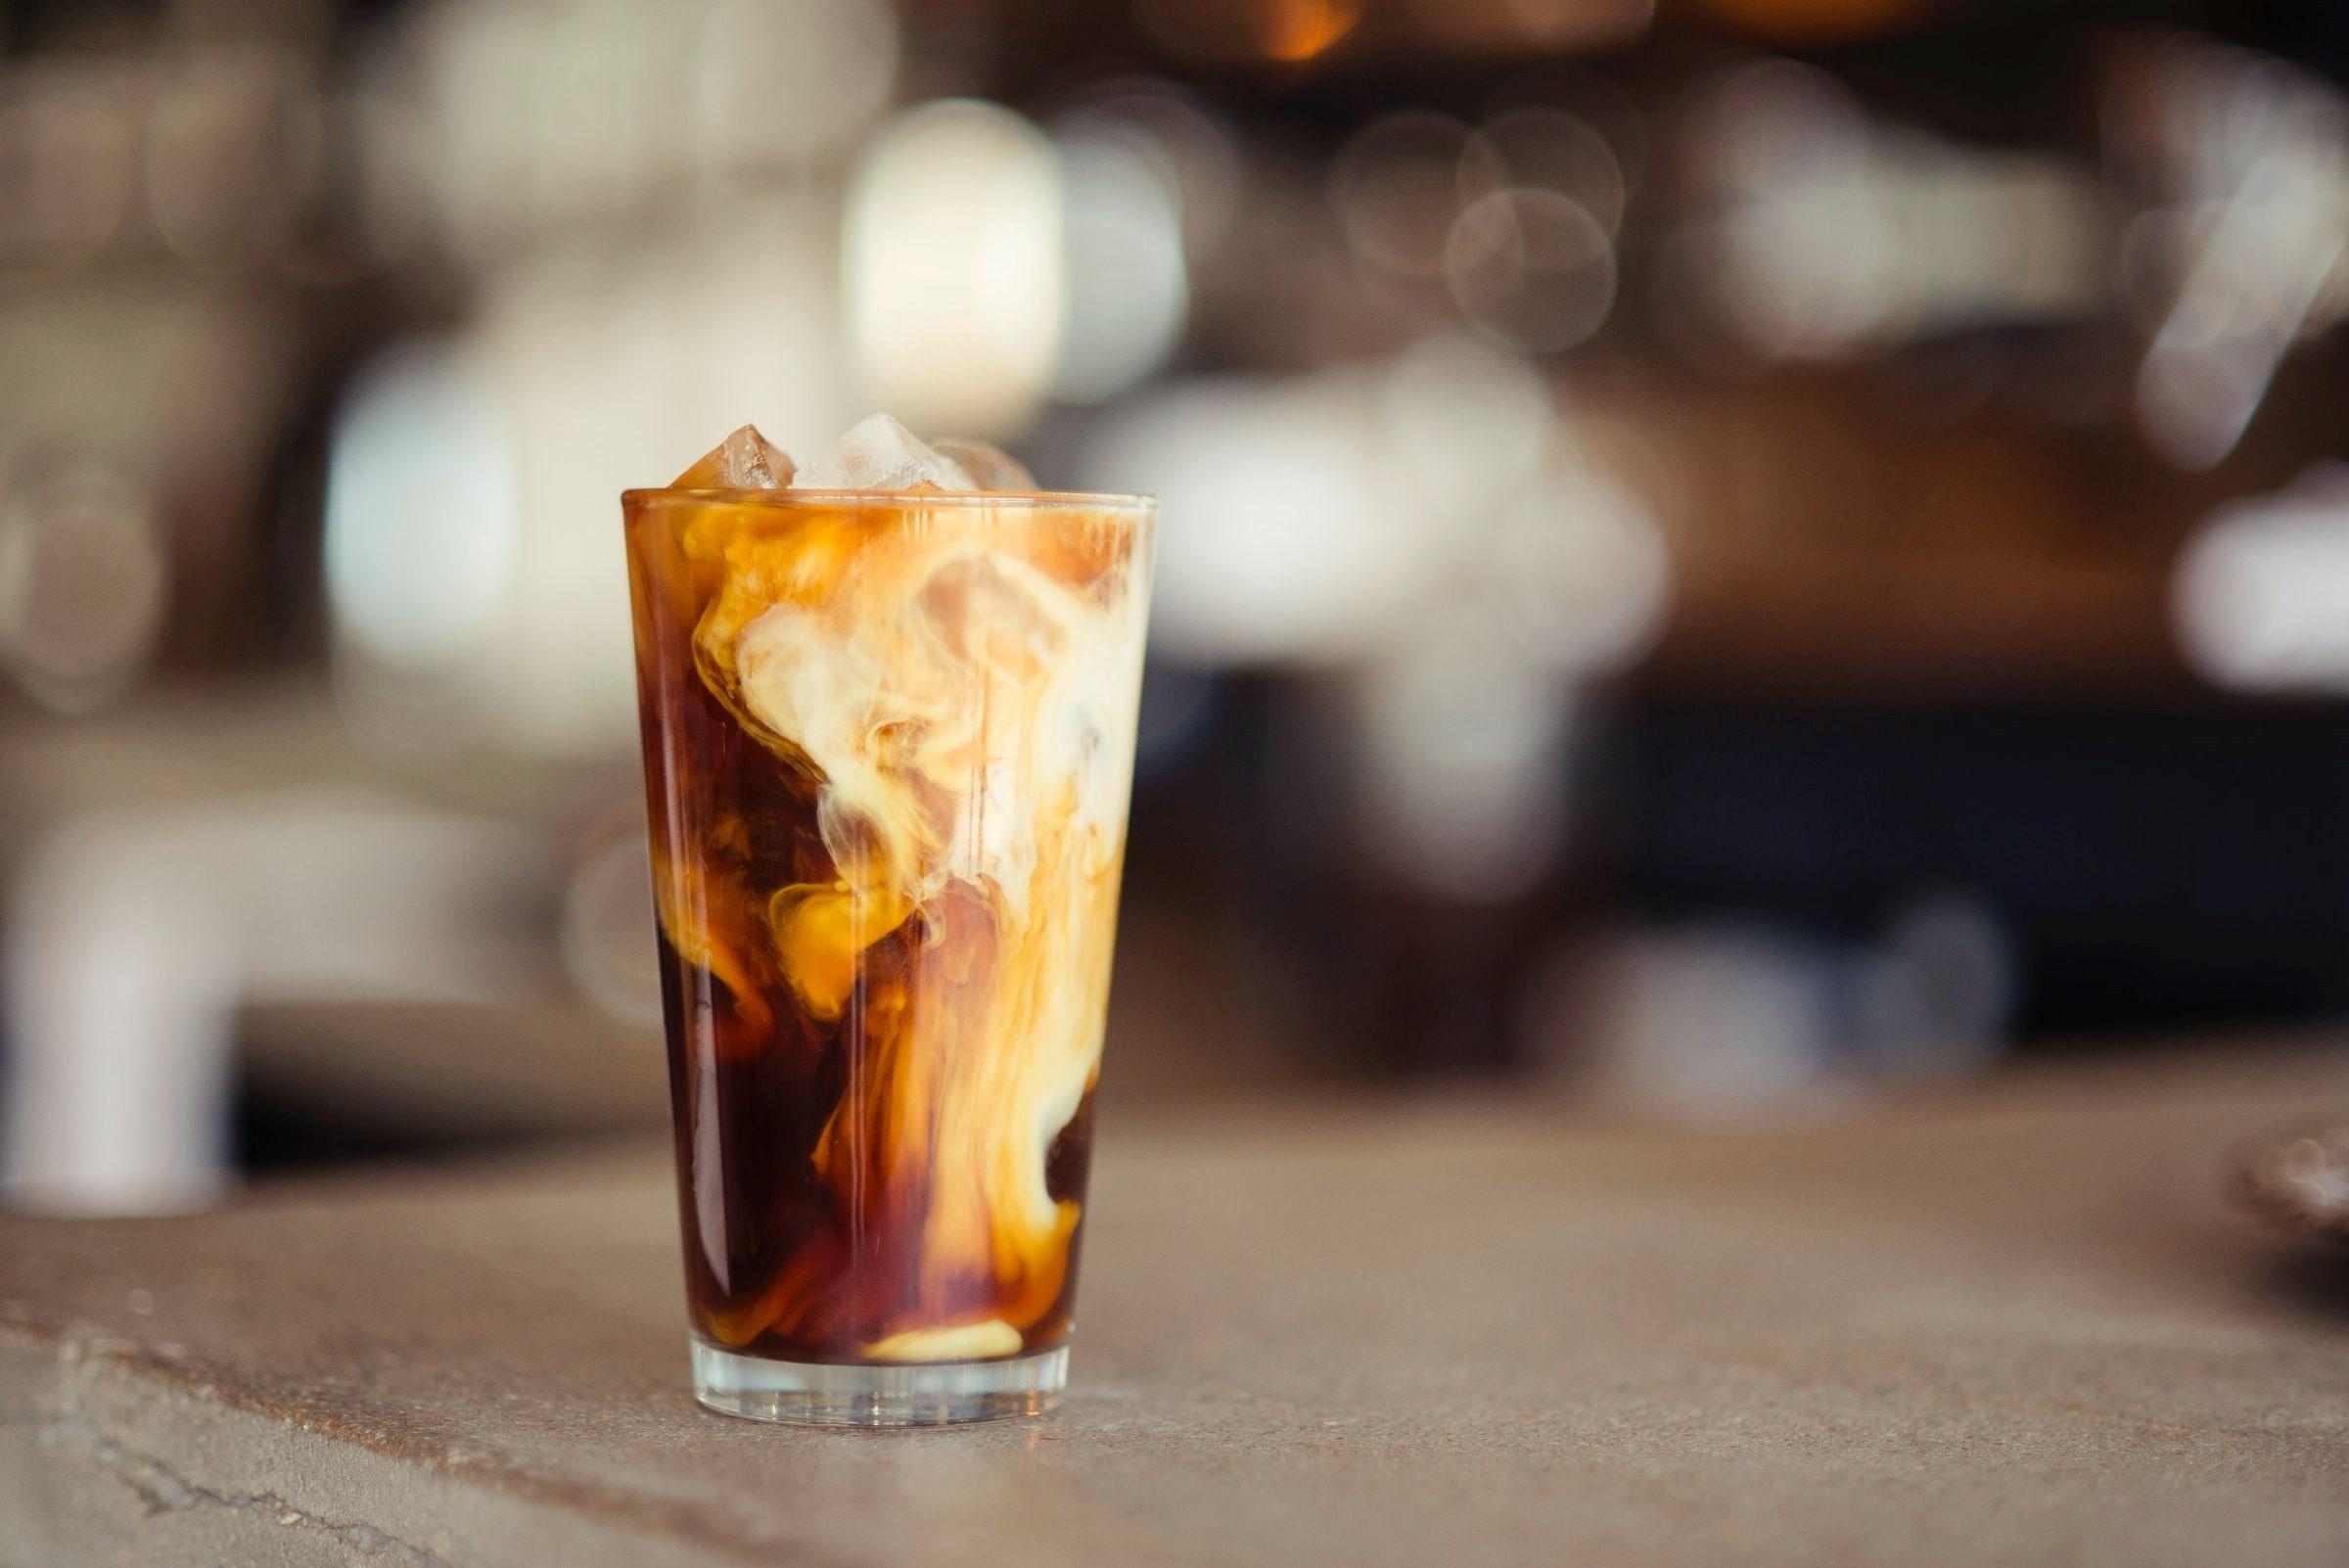 Maak je eigen ijskoffie: lekker en makkelijk